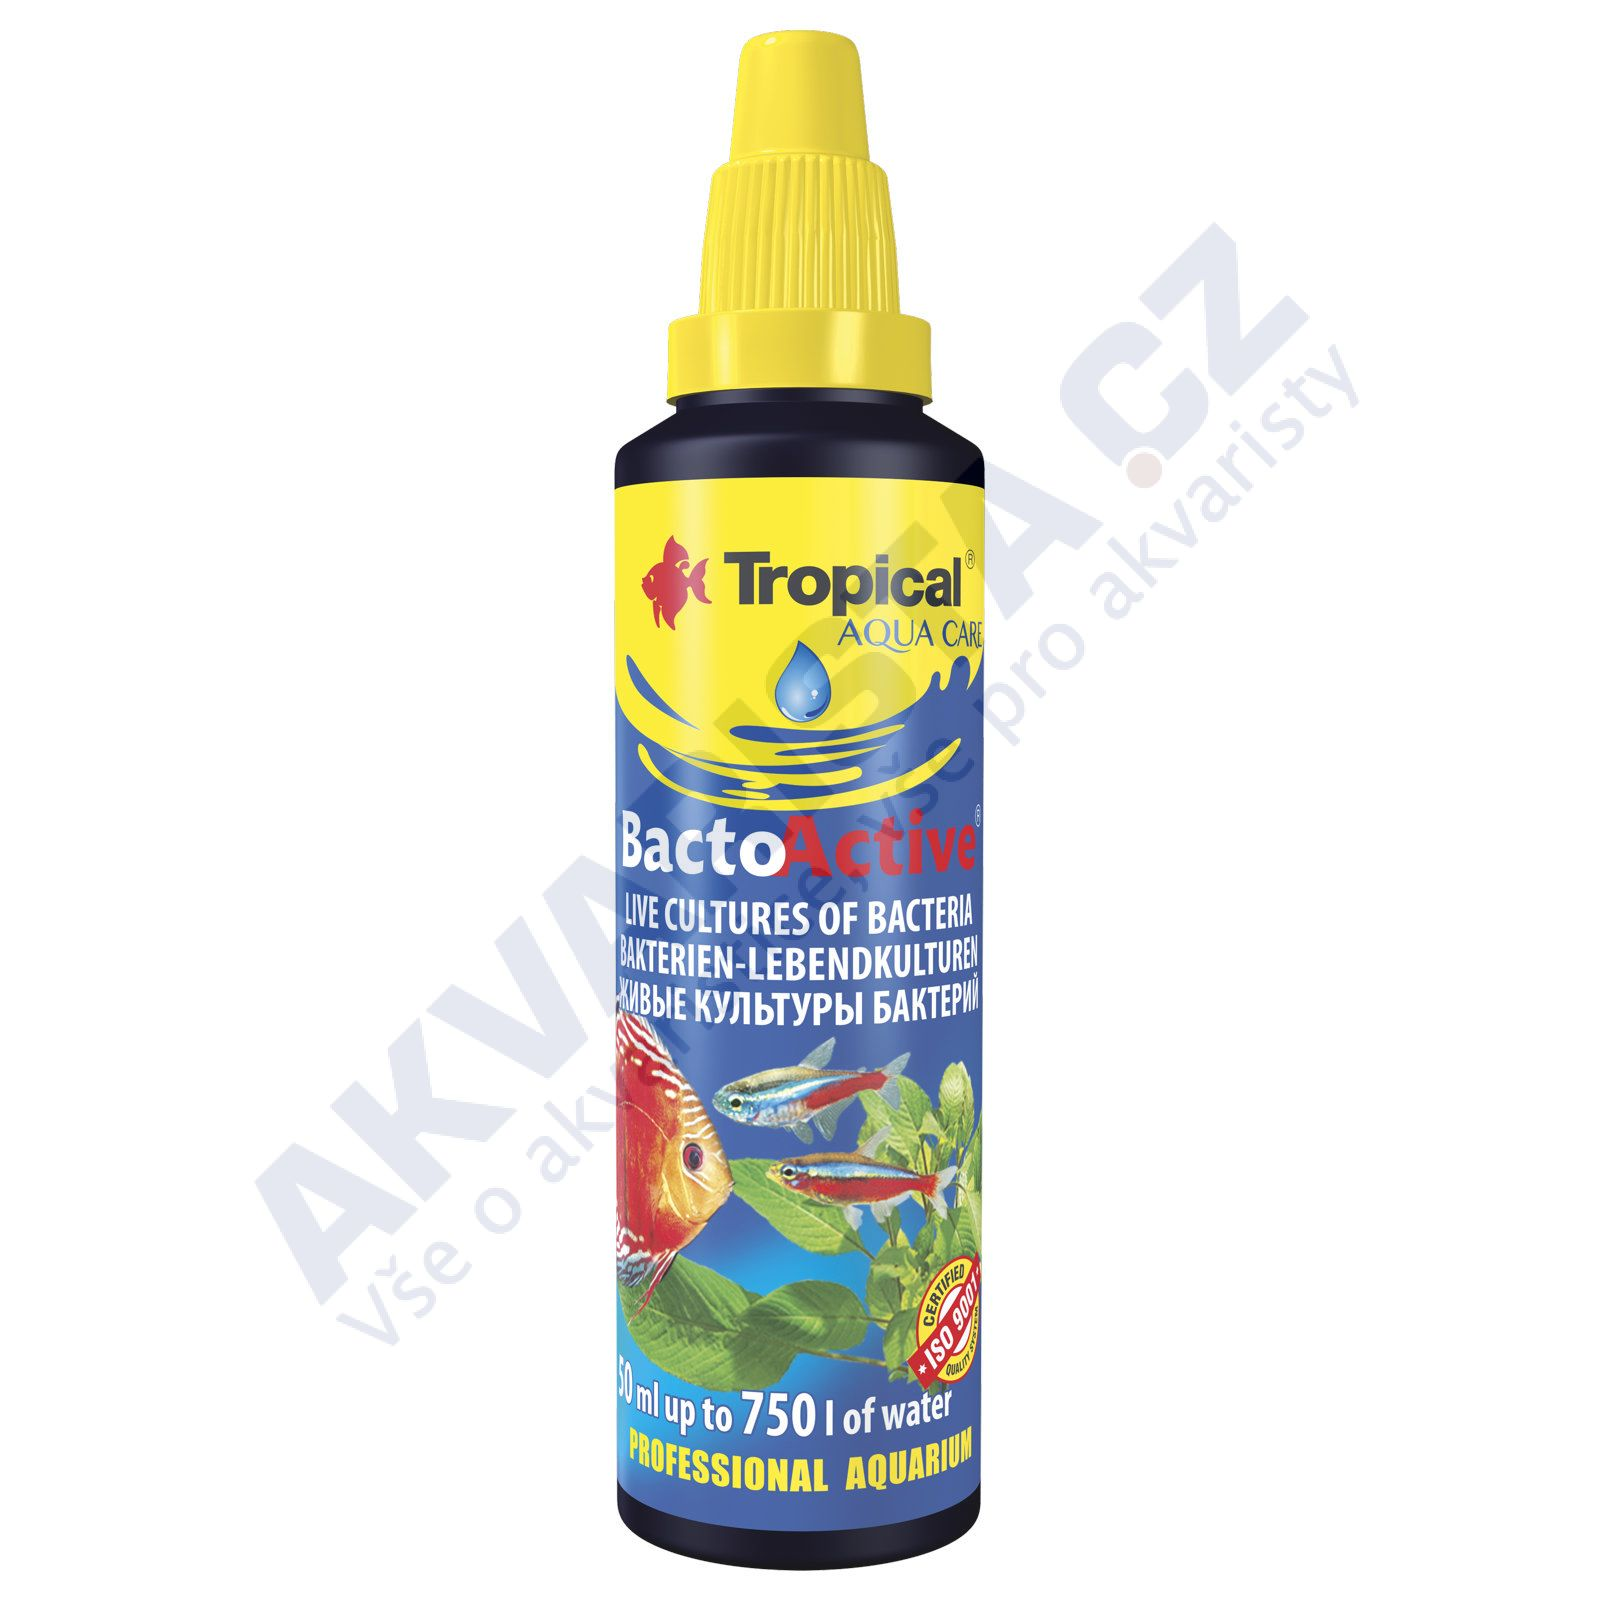 Tropical Bacto Active 30ml